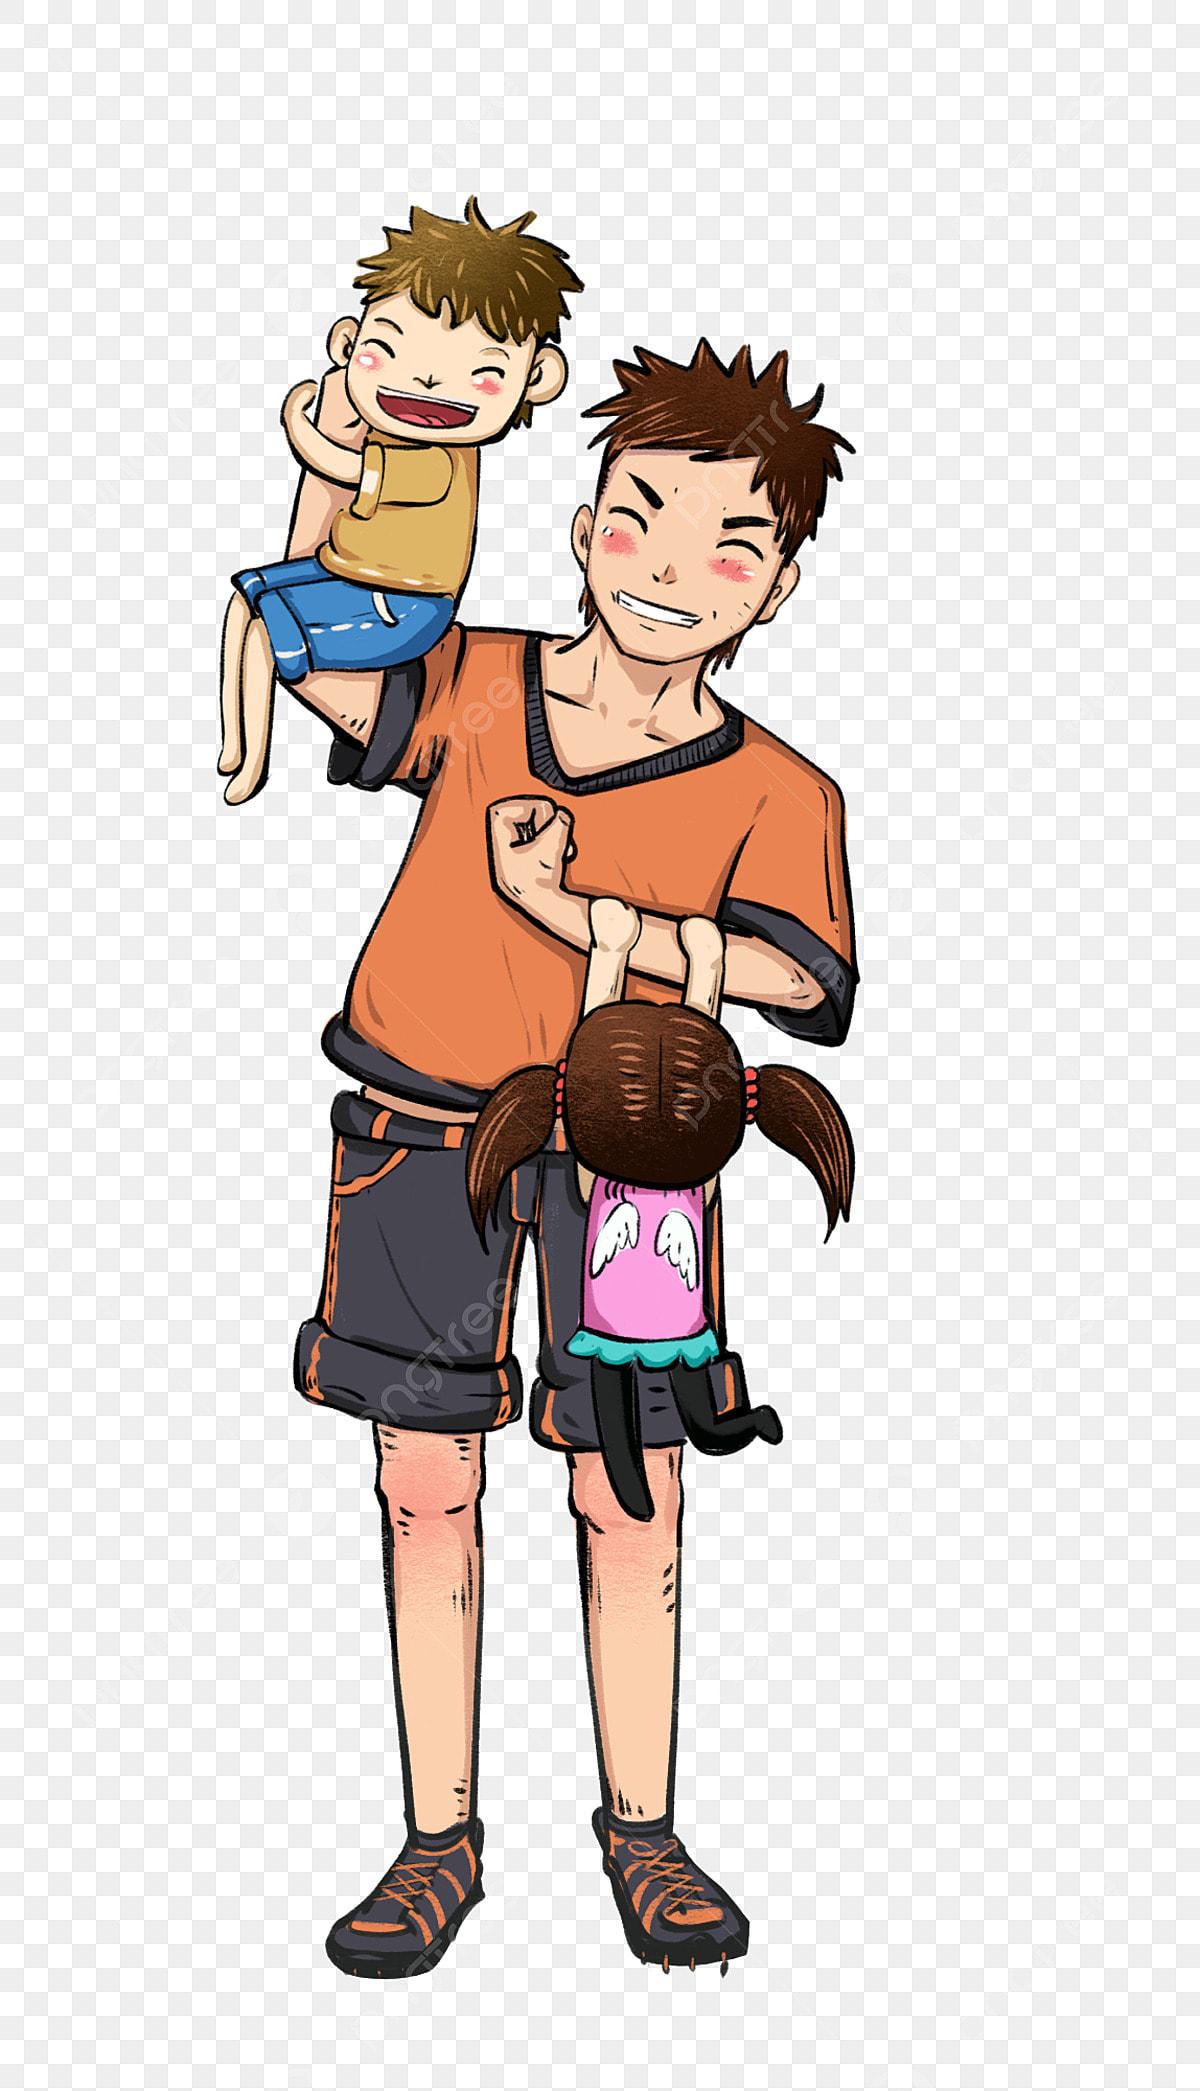 Gambar Bapa Anak Lelaki Daughter Watak Kartun Yang Ditarik Tangan Ayah Dan Anak Perempuan Watak Kartun Yang Ditarik Tangan Watak Hari Bapa Png Dan Psd Untuk Muat Turun Percuma